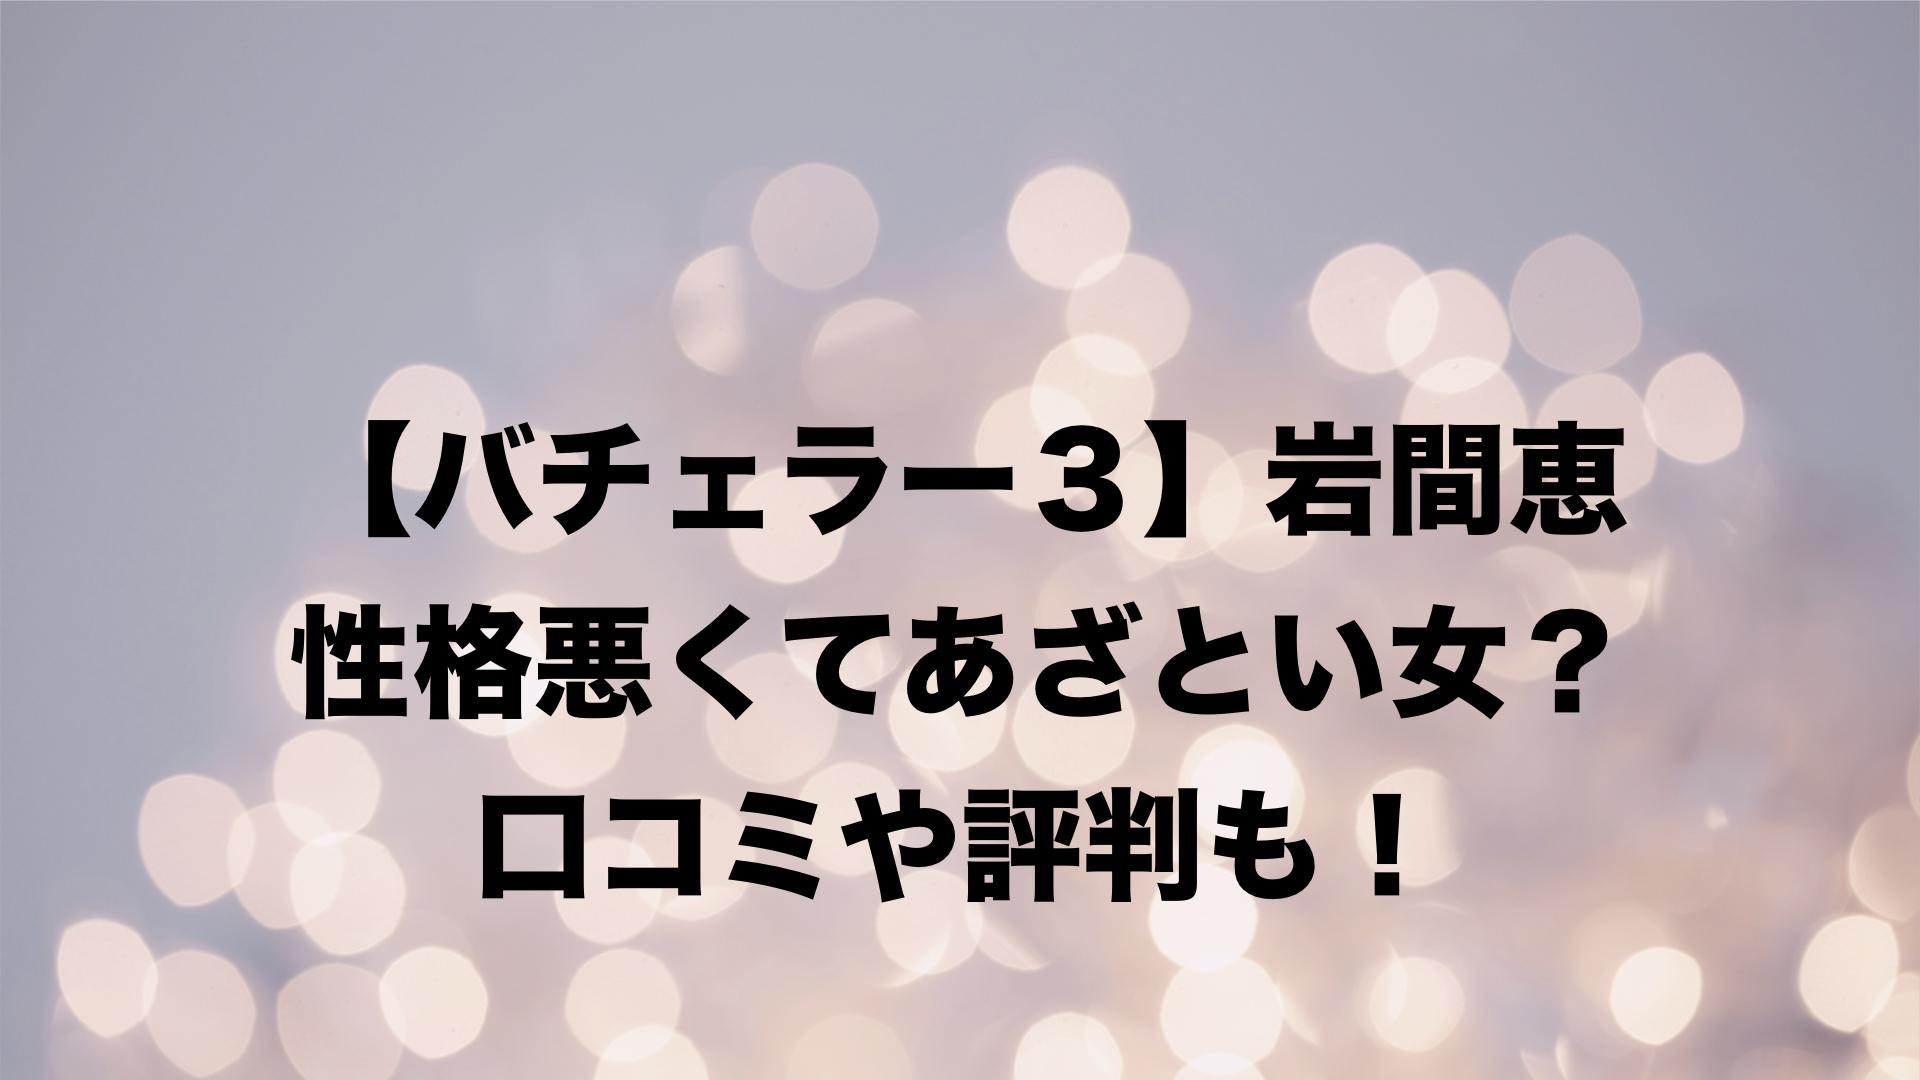 生年月日 岩間恵